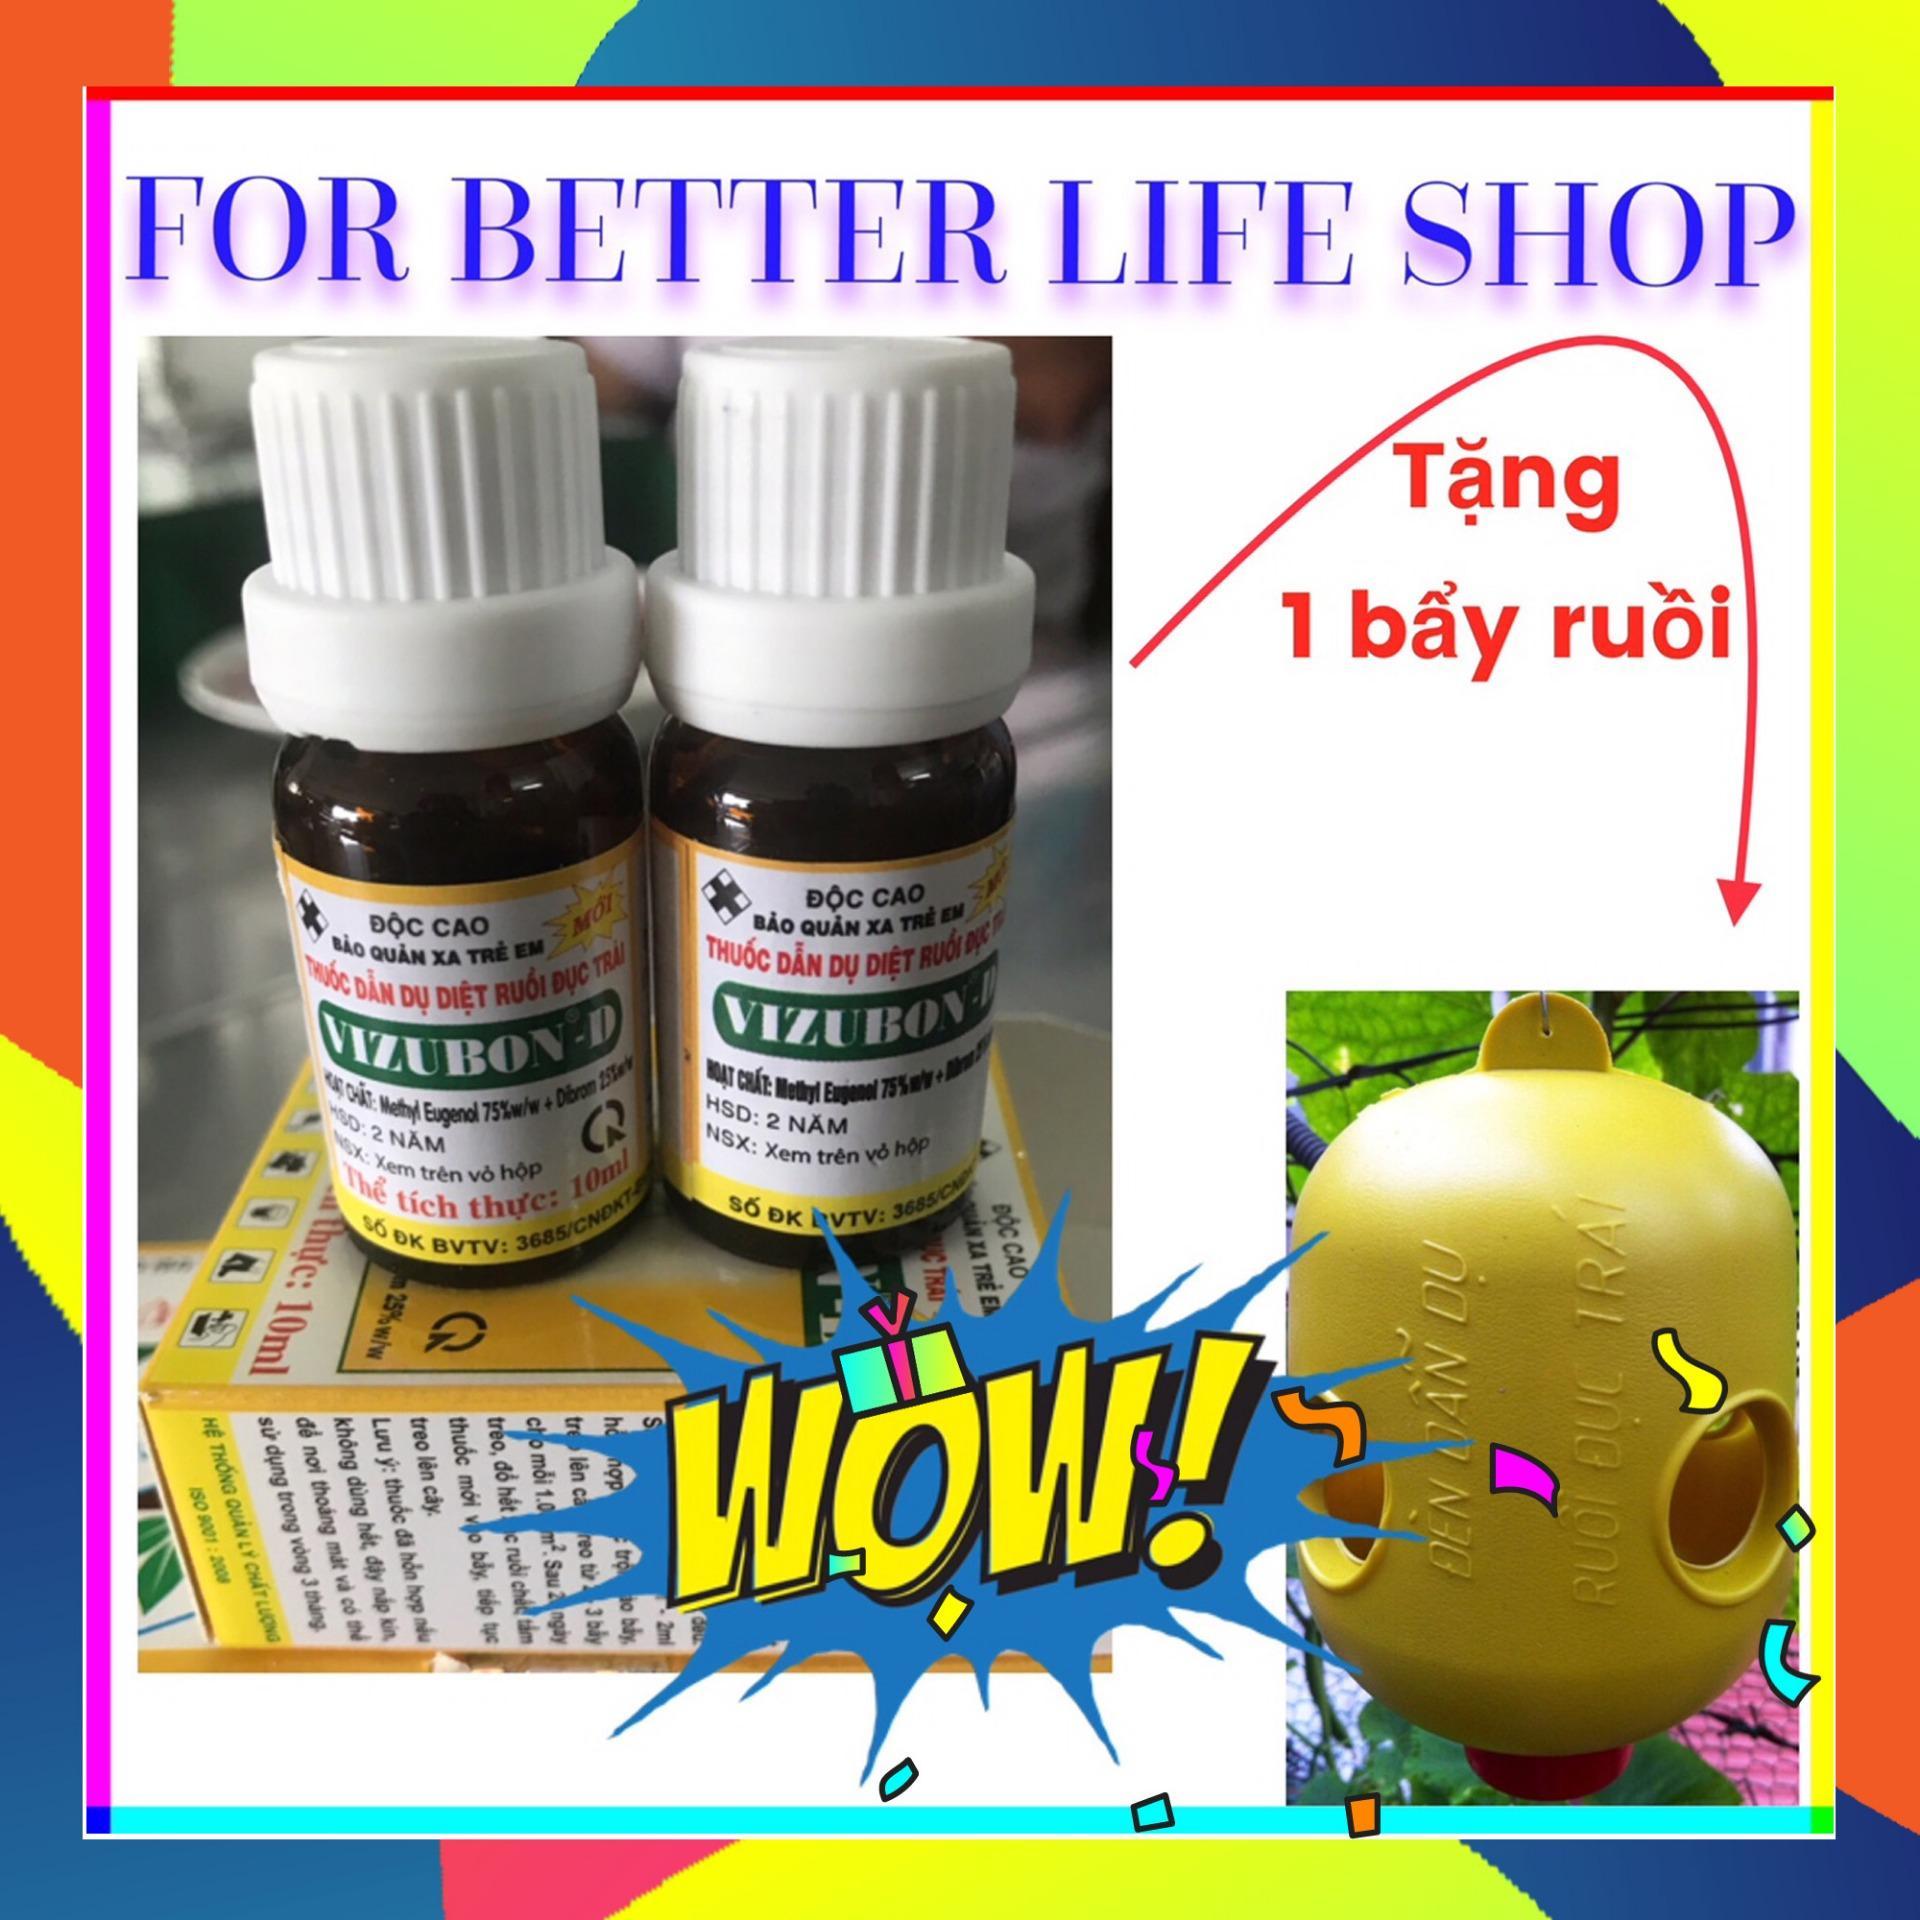 Hình ảnh Thuốc dẫn dụ diệt ruồi vàng 1 hộp Vizubon-D 10ml (1 chai thuốc dẫn dụ và 1 chai thuốc diệt ruồi)